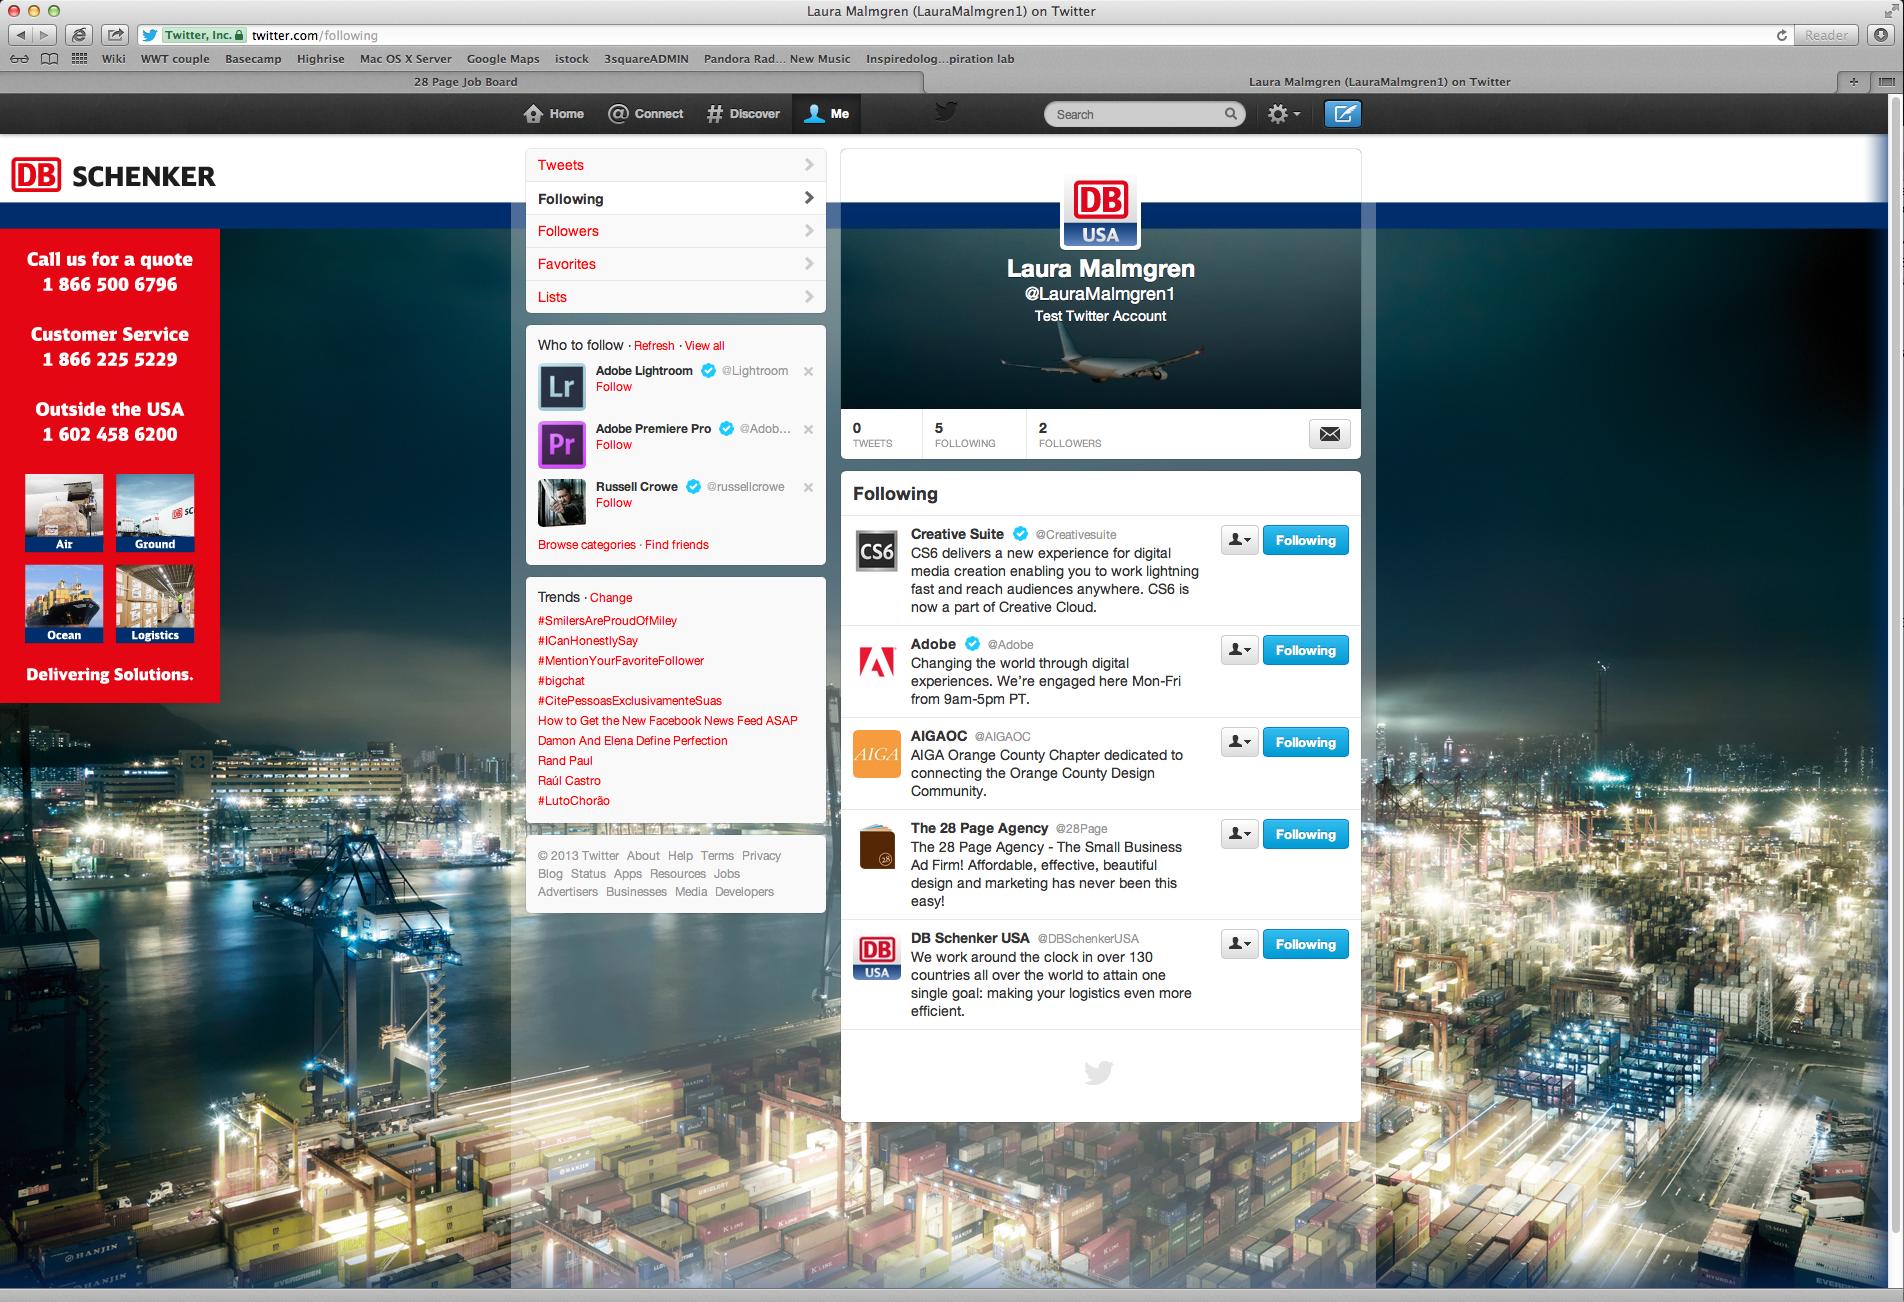 DB Schenker USA Twitter Background and Header